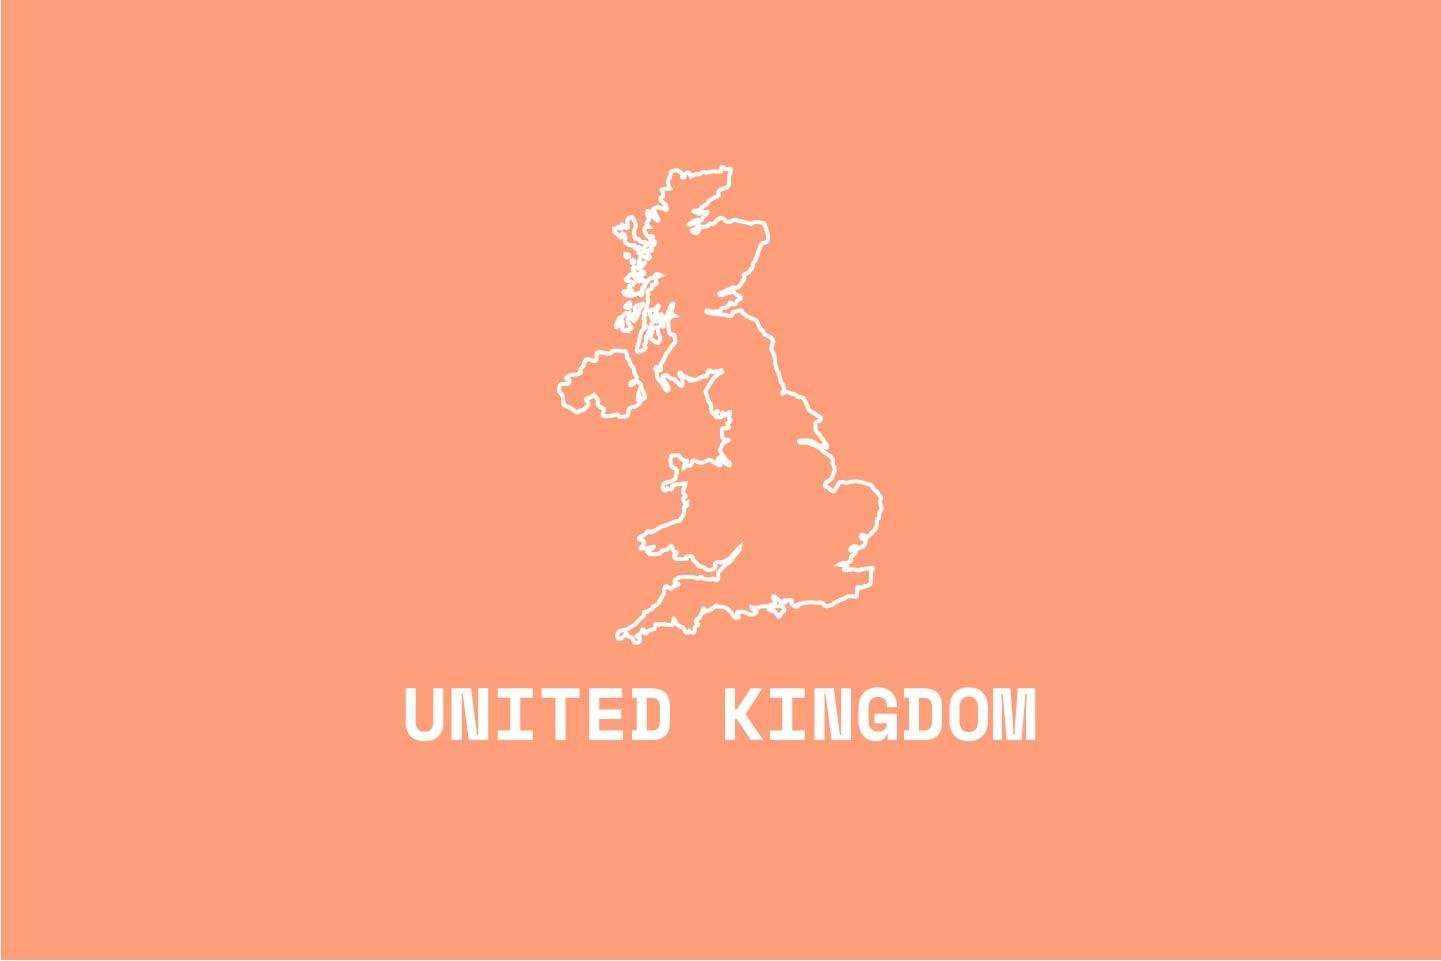 No Reino Unido